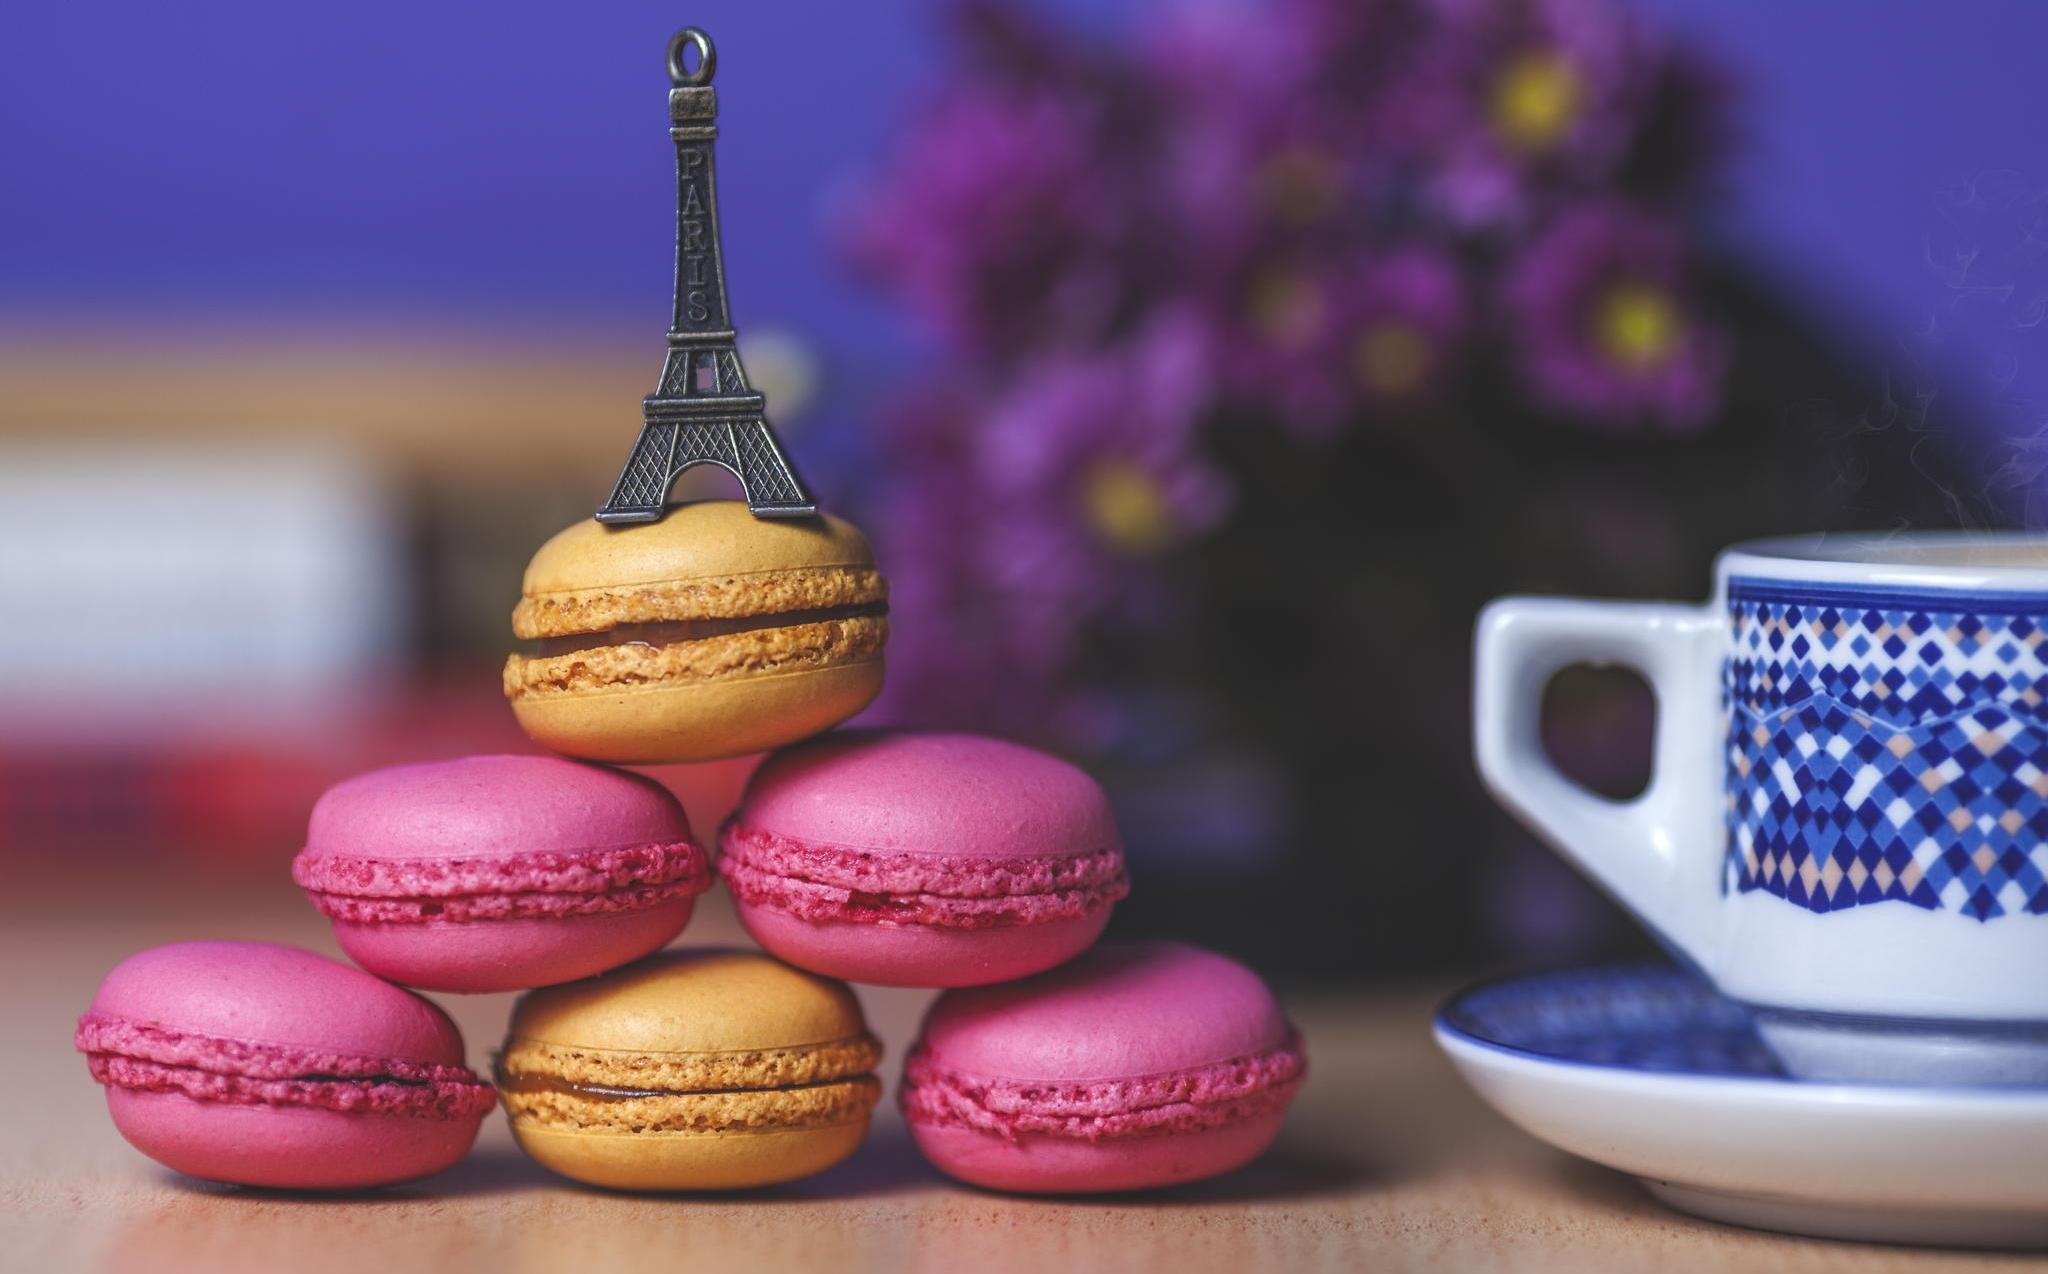 104429 télécharger le fond d'écran Nourriture, Macaron, Cookies, Une Tasse, Coupe, Tour Eiffel - économiseurs d'écran et images gratuitement